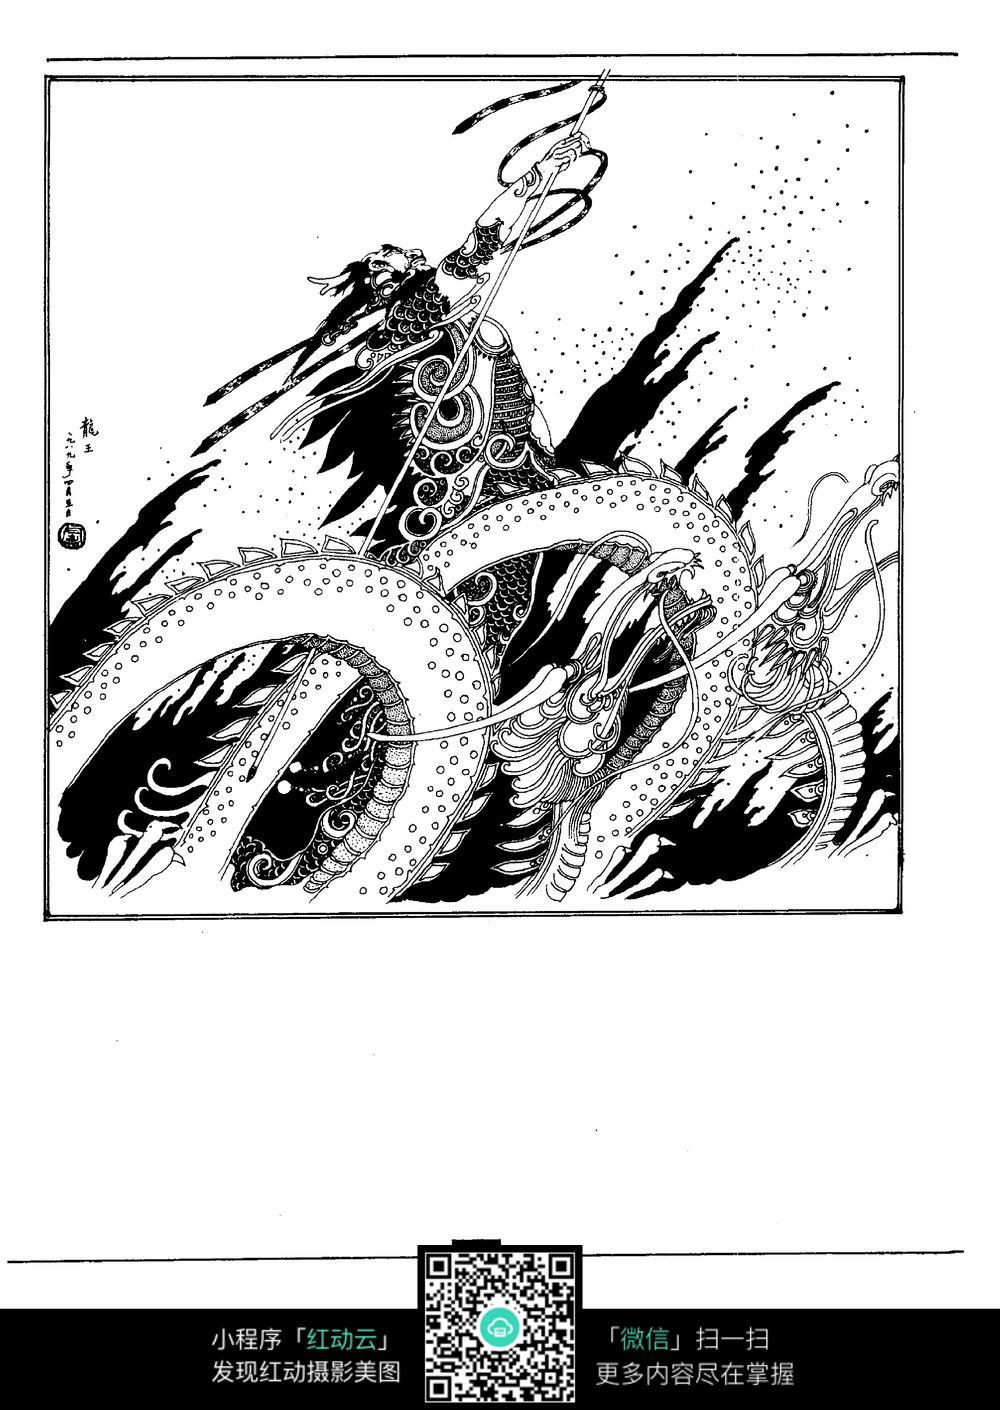 中国龙神手绘图